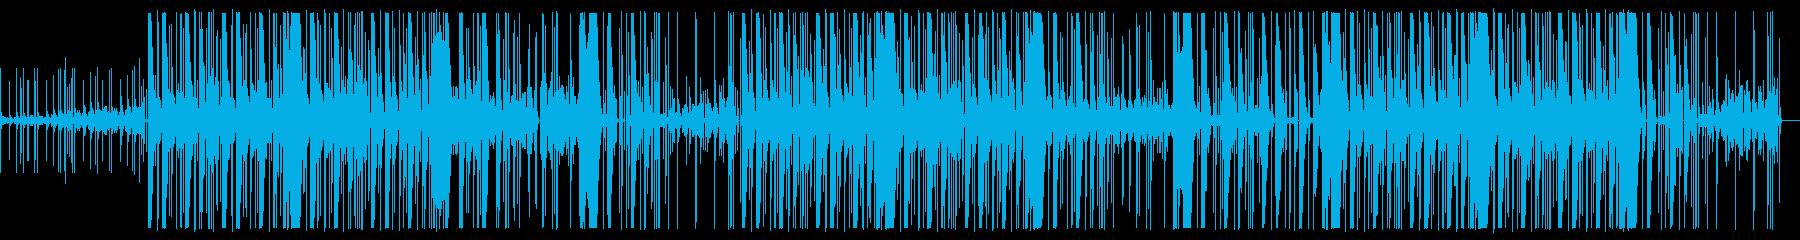 ダークで怪しいヒップホップ・トラップの再生済みの波形